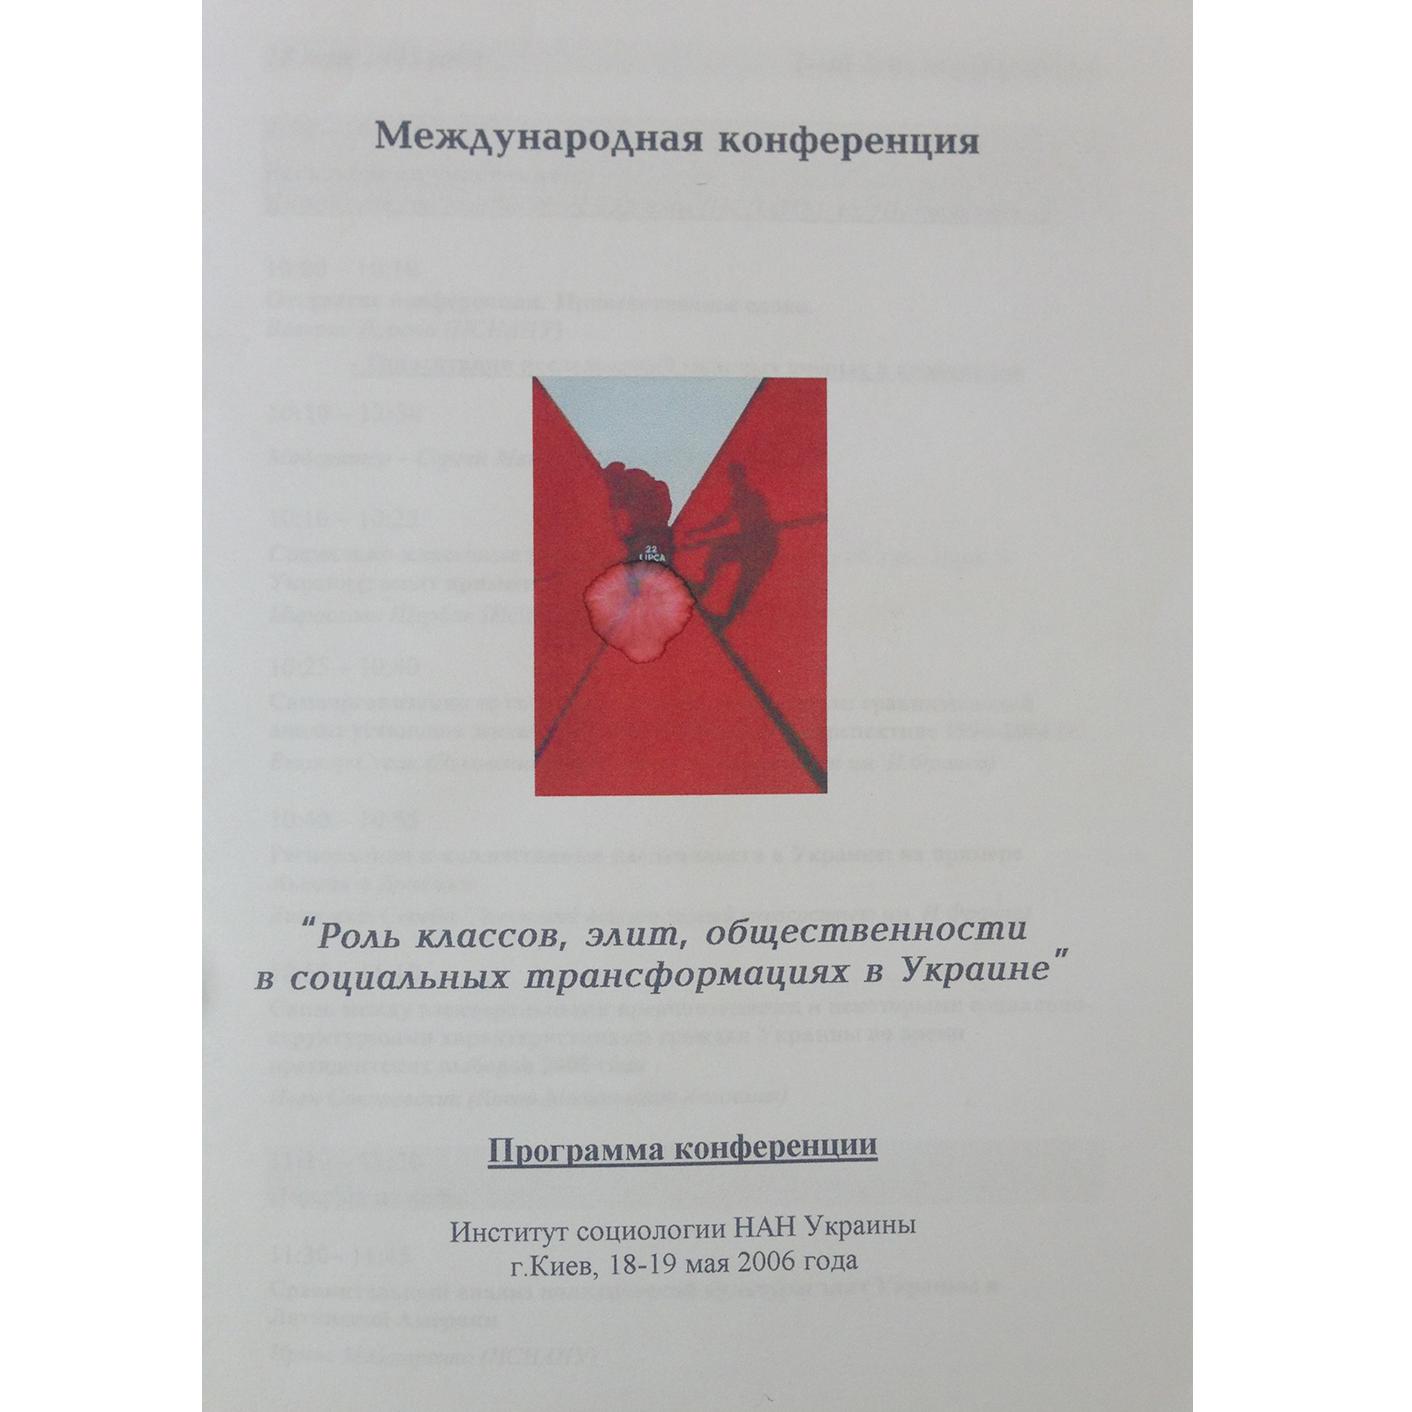 18-19 травня 2006 року, м. Київ, Україна.